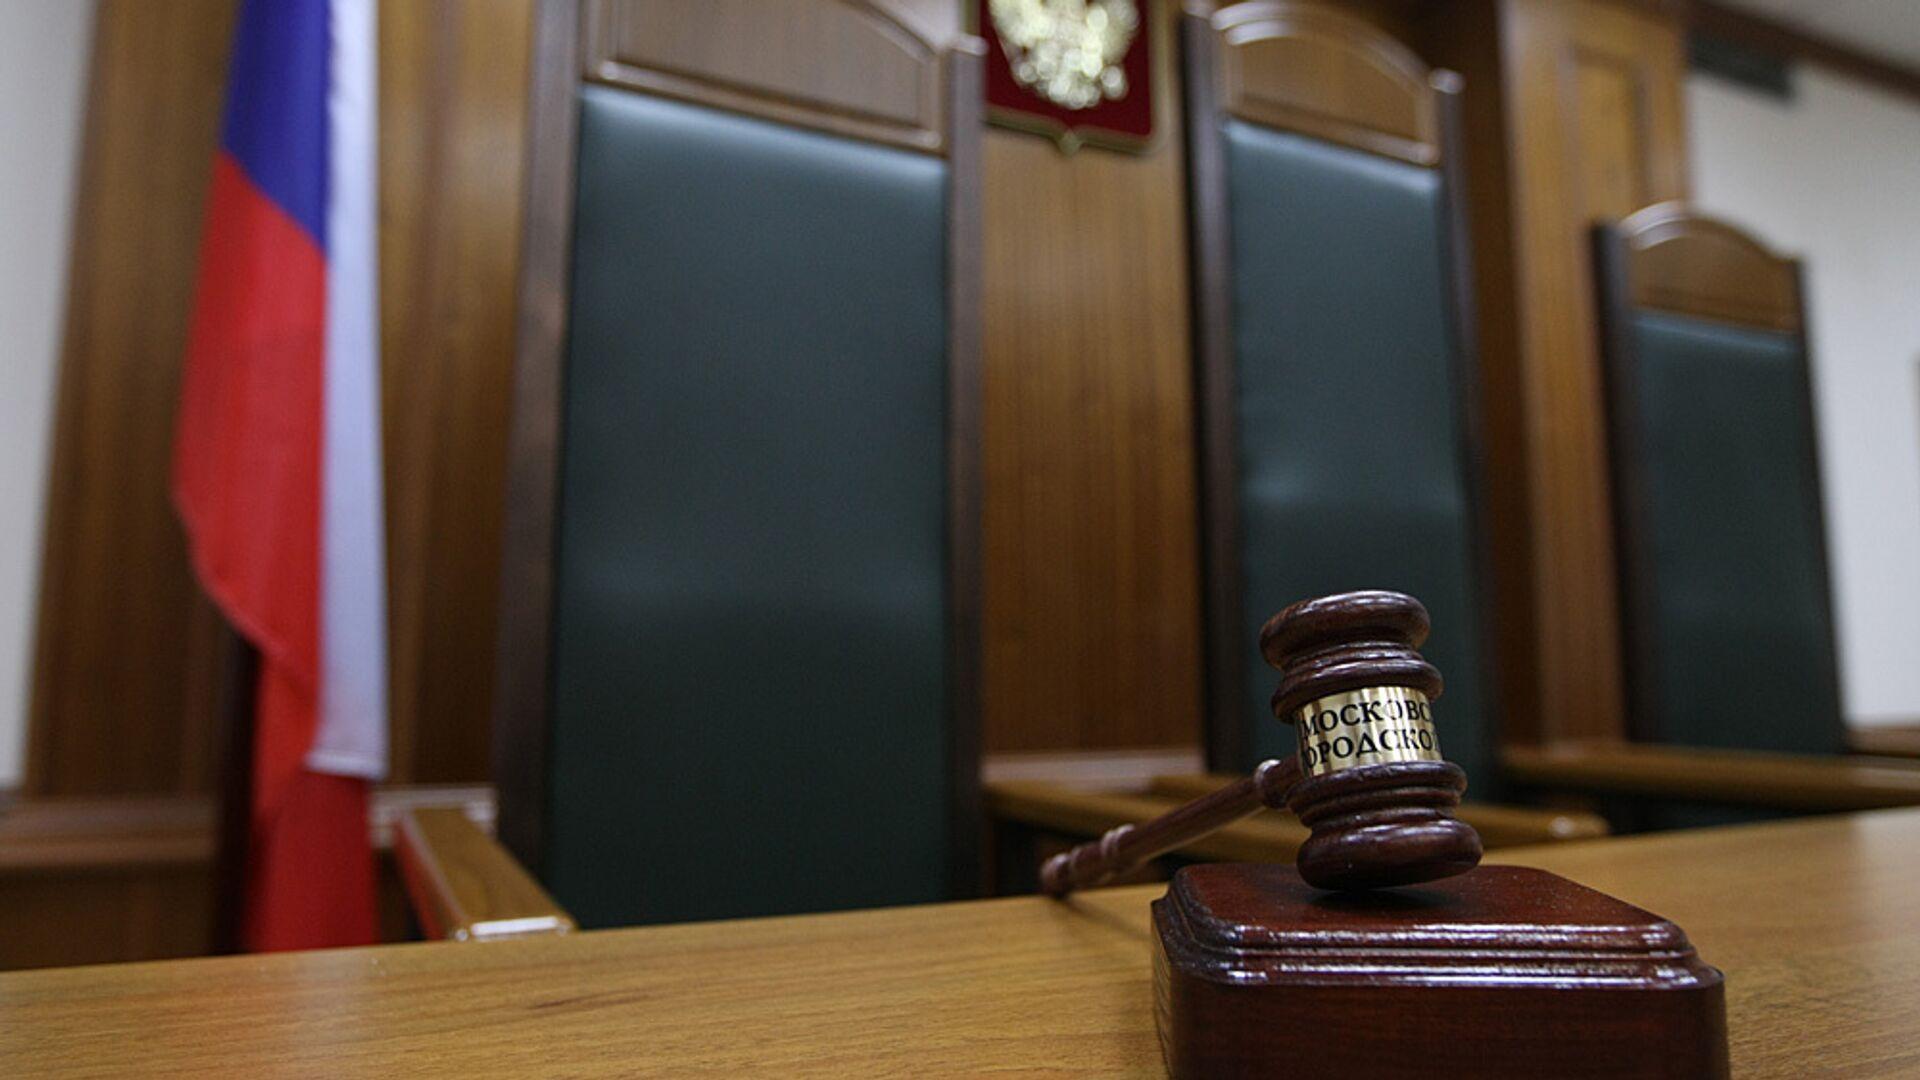 В Нижнем Новгороде арестовали мужчину, удерживавшего чужого ребенка